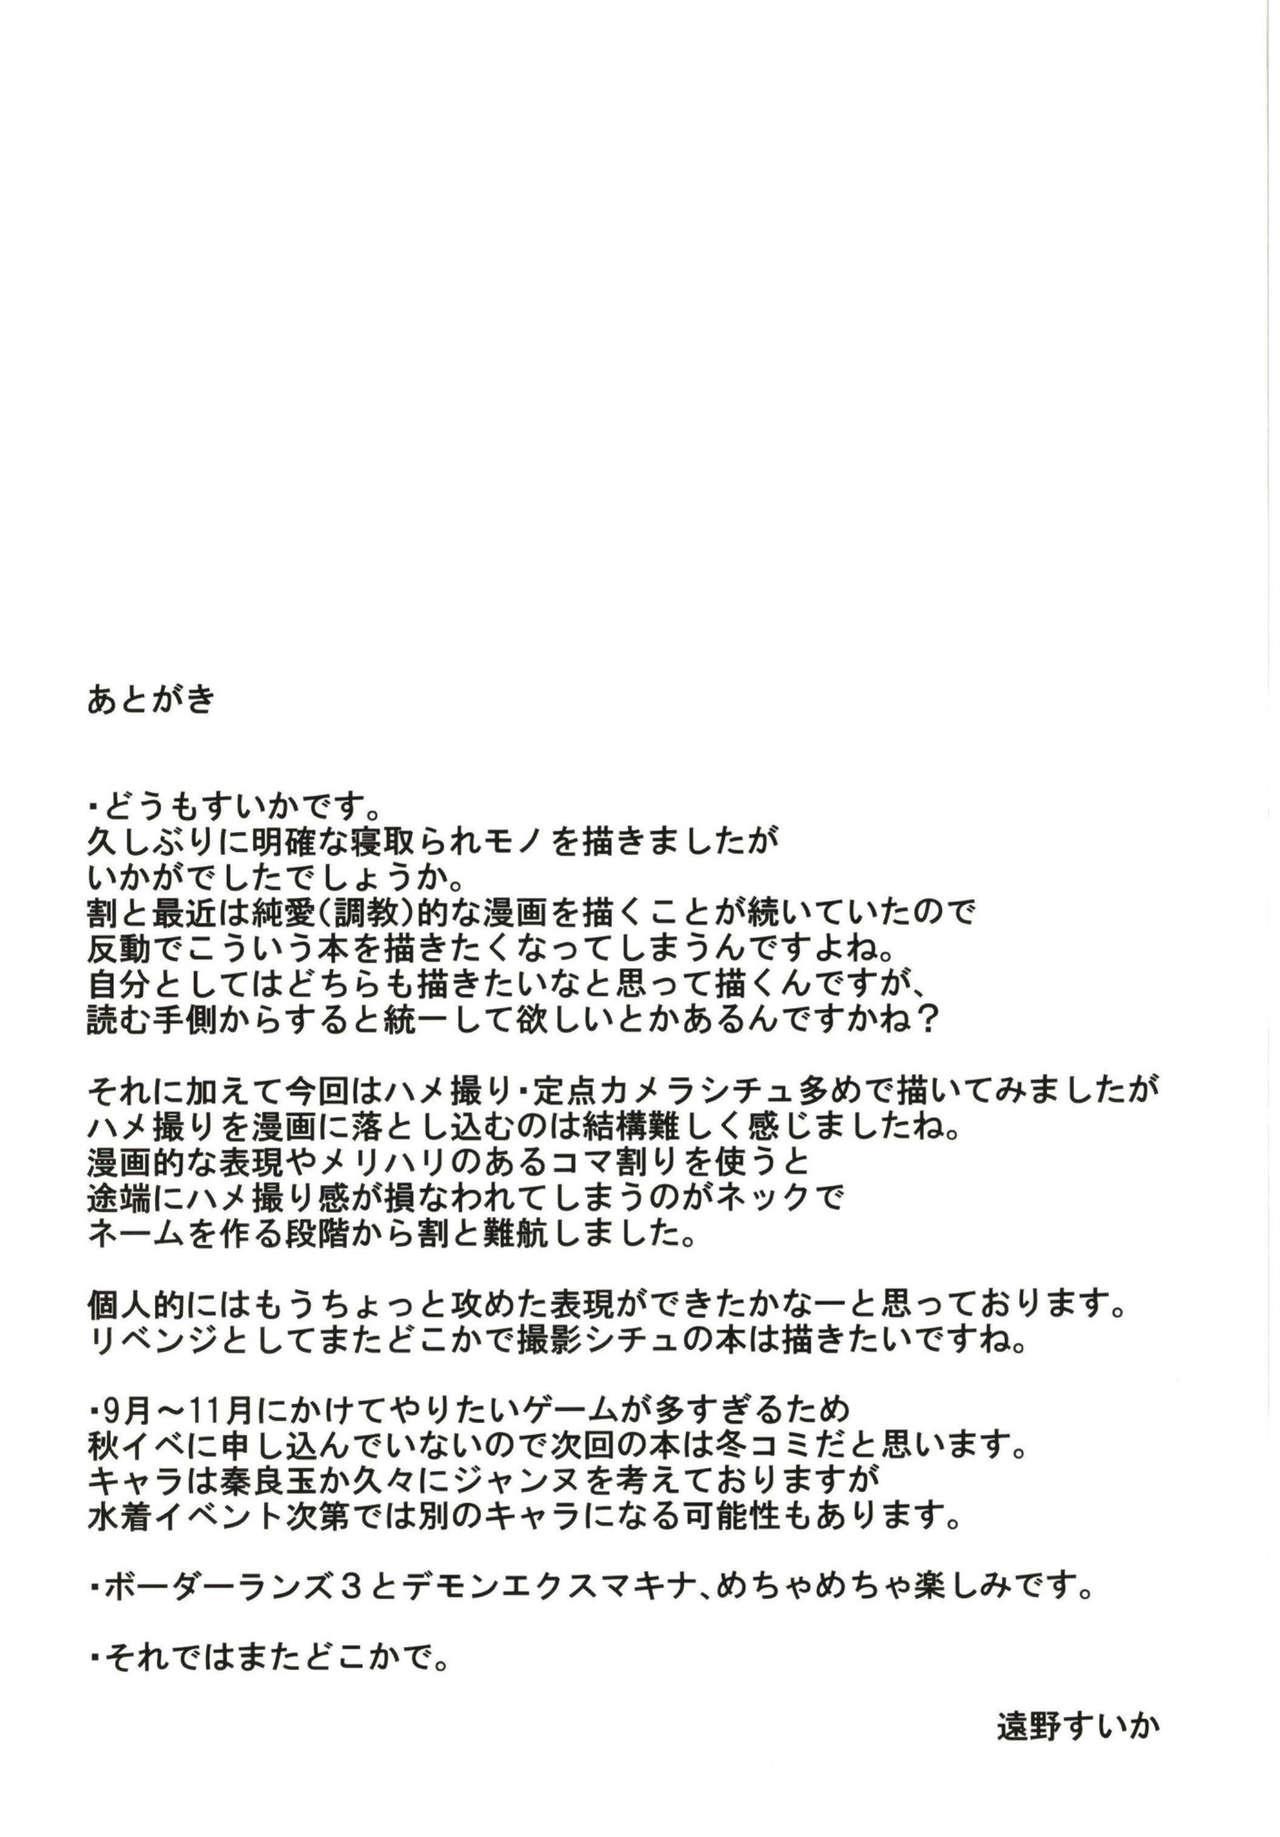 Kishiou Choukyou Satsuei Kiroku 20